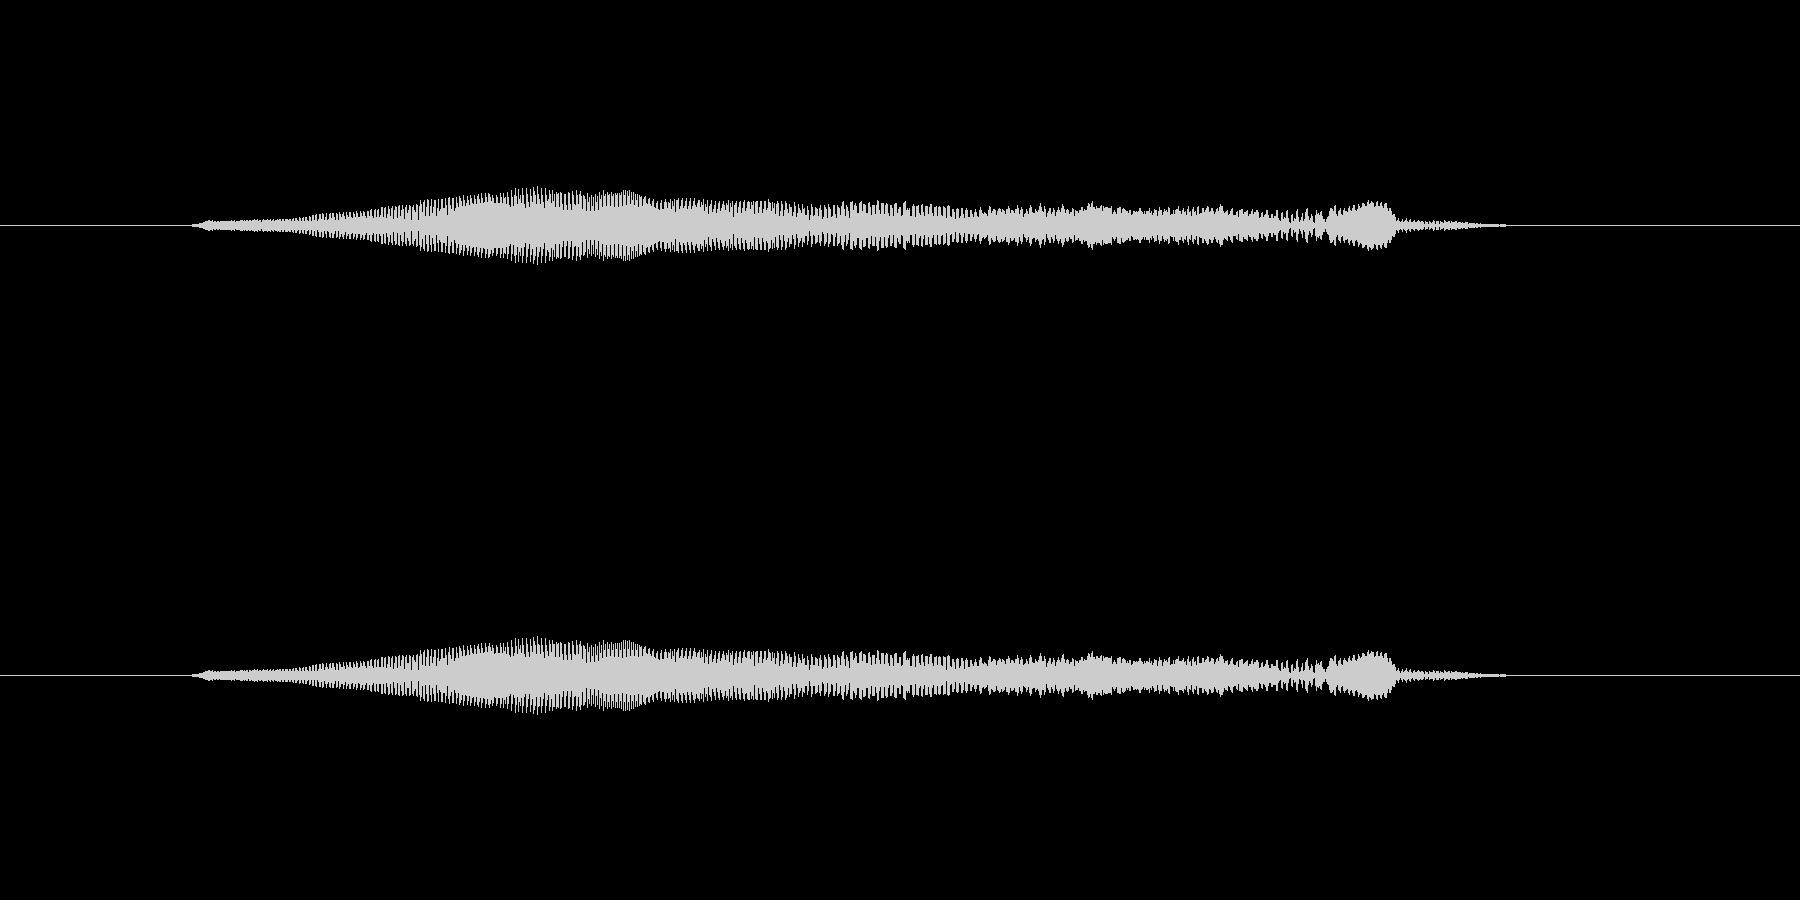 ニャー_猫声-14の未再生の波形